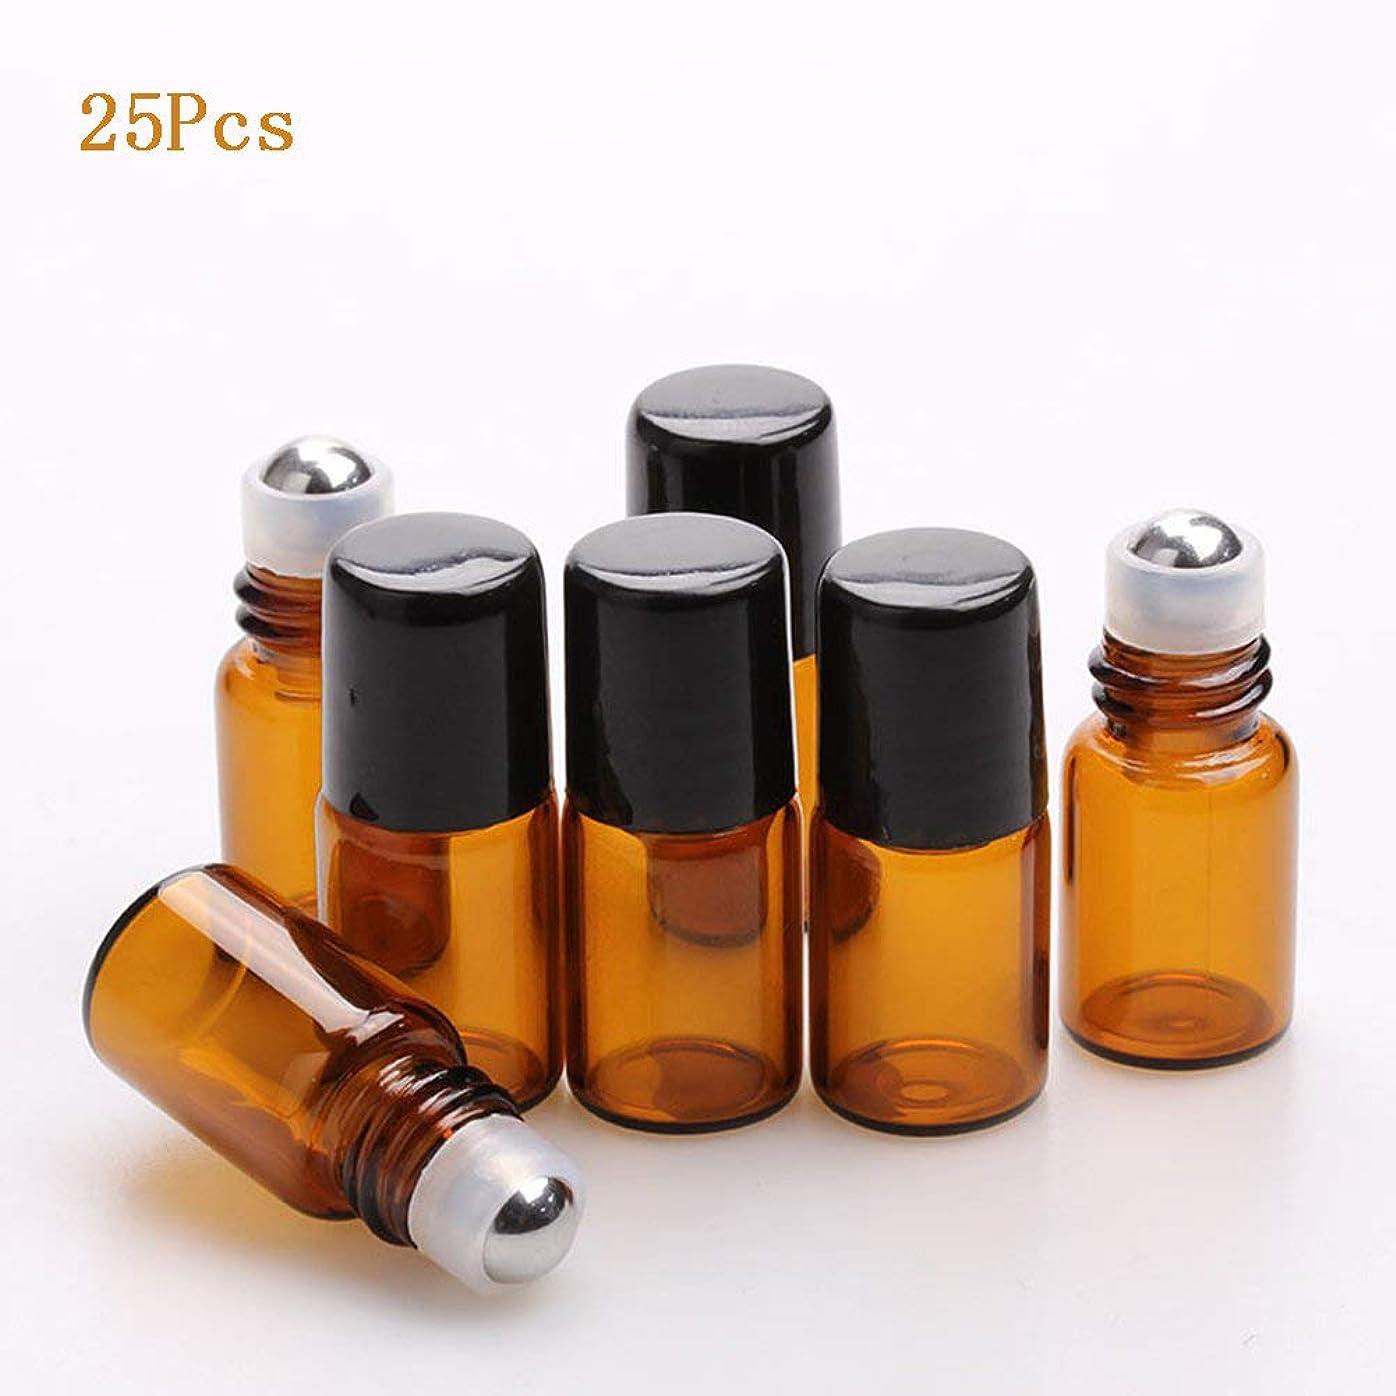 武器サポートレキシコンロールオンボトル アロマ ガラス容器、25ピース1ミリリットル琥珀ミニステンレス鋼ボールオイル液体ボトル香水瓶、化粧品ボトル